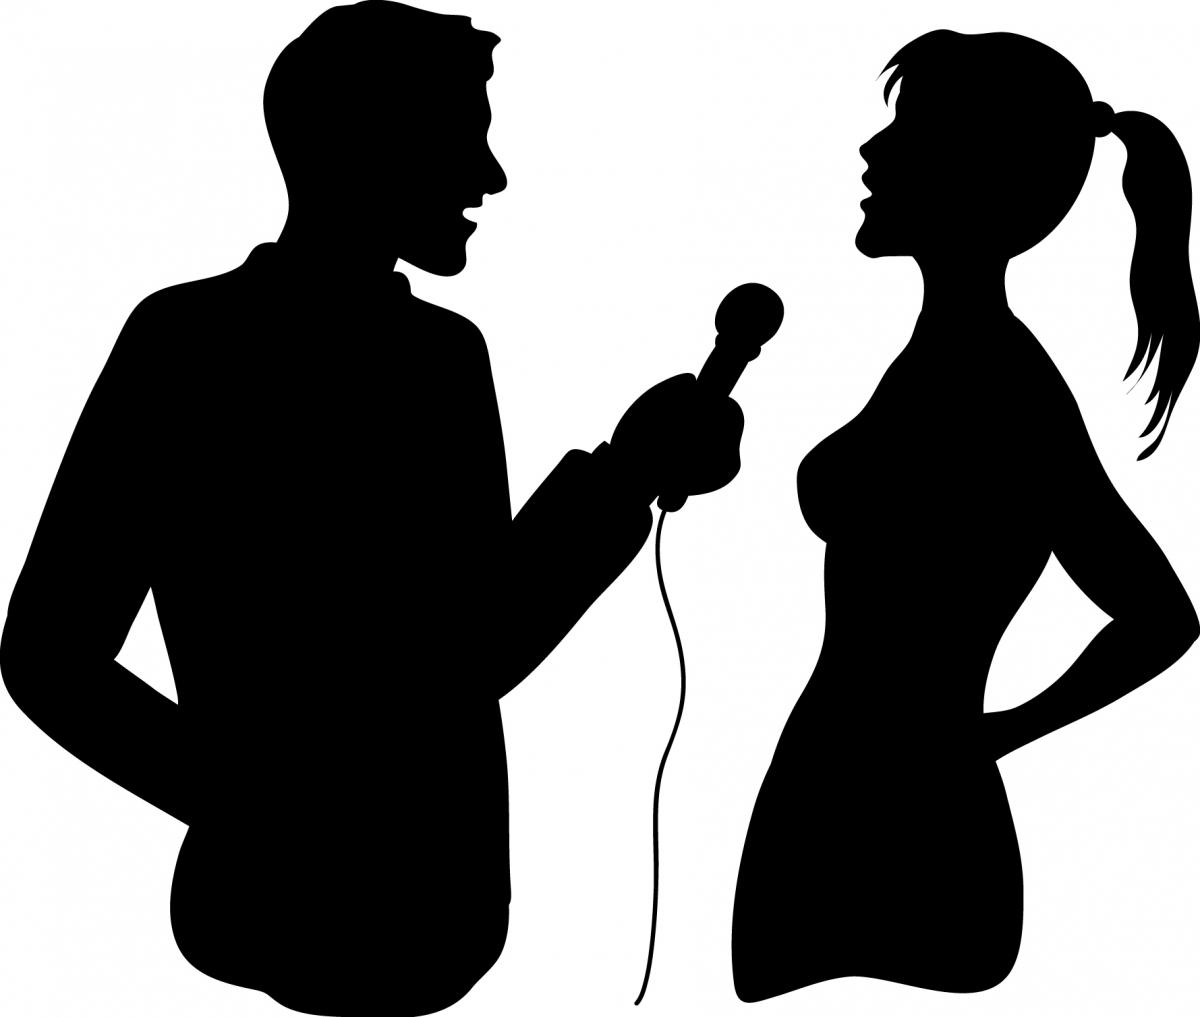 Интервью как жанр журналистики, а теперь и контент-маркетинга